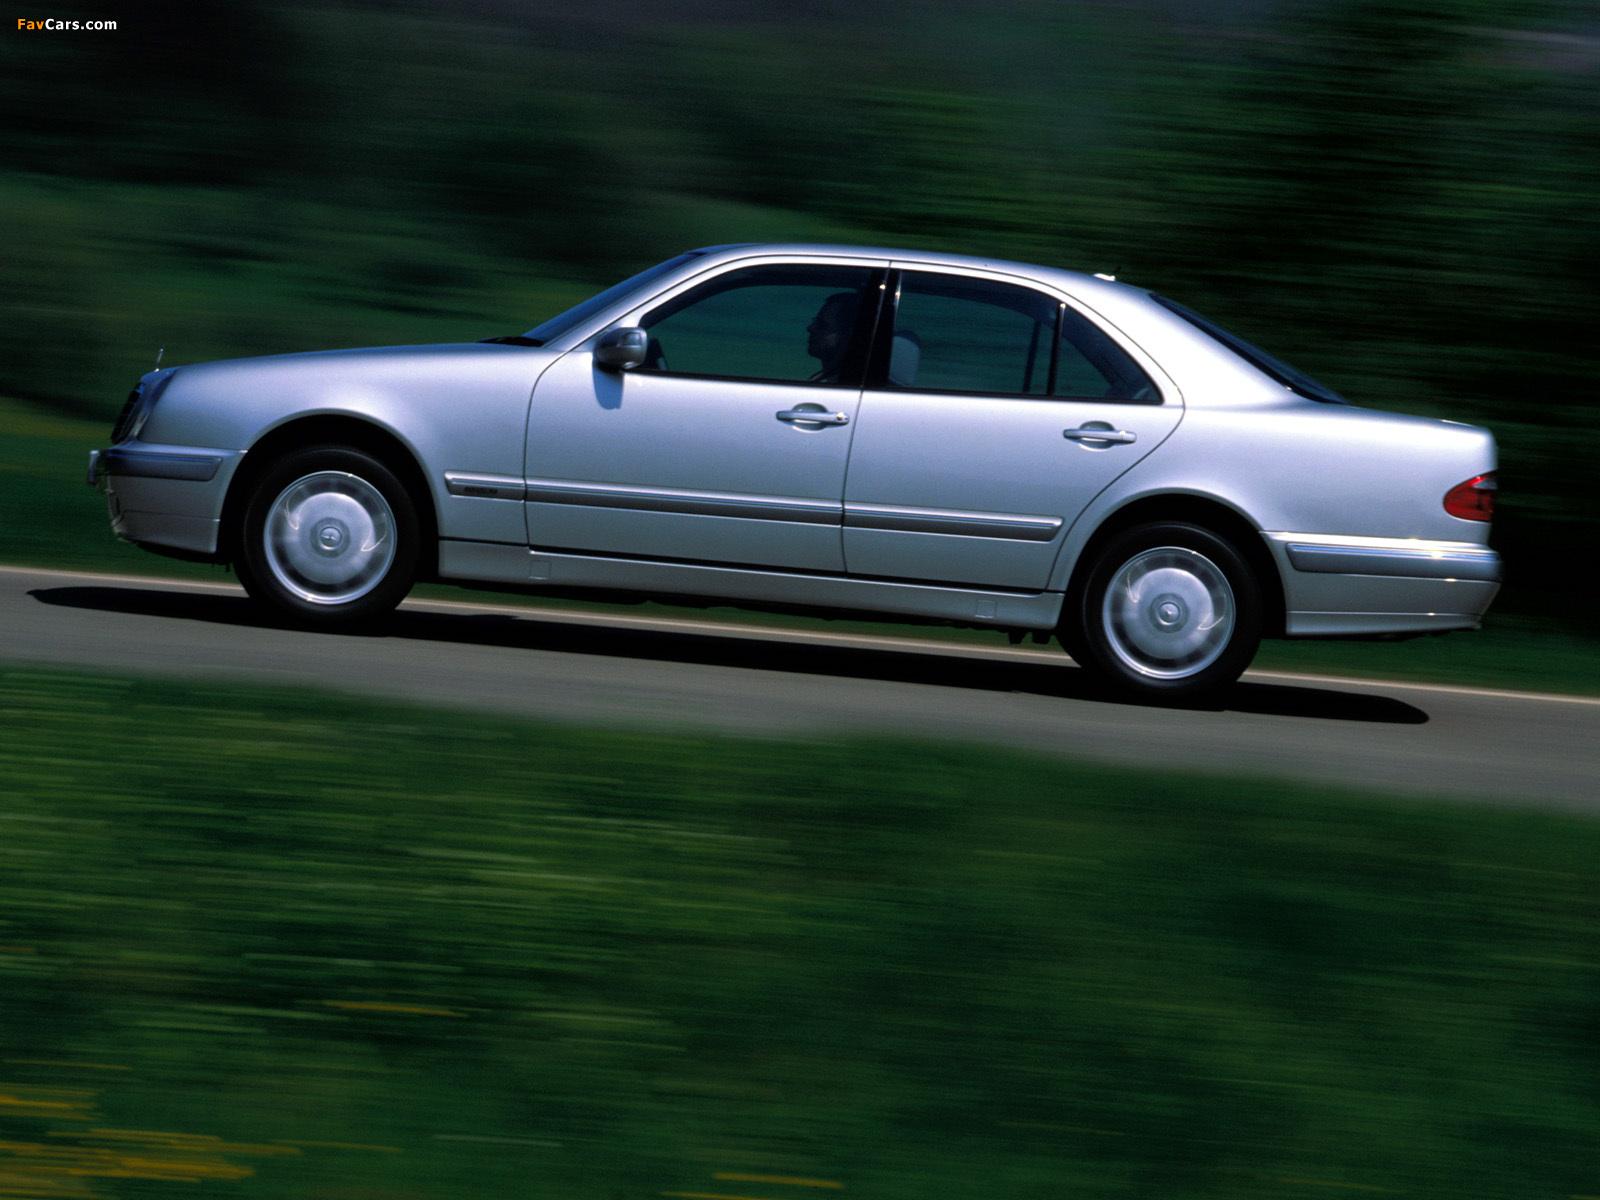 Mercedes benz e 320 cdi w210 1999 2002 wallpapers for Mercedes benz e 320 cdi